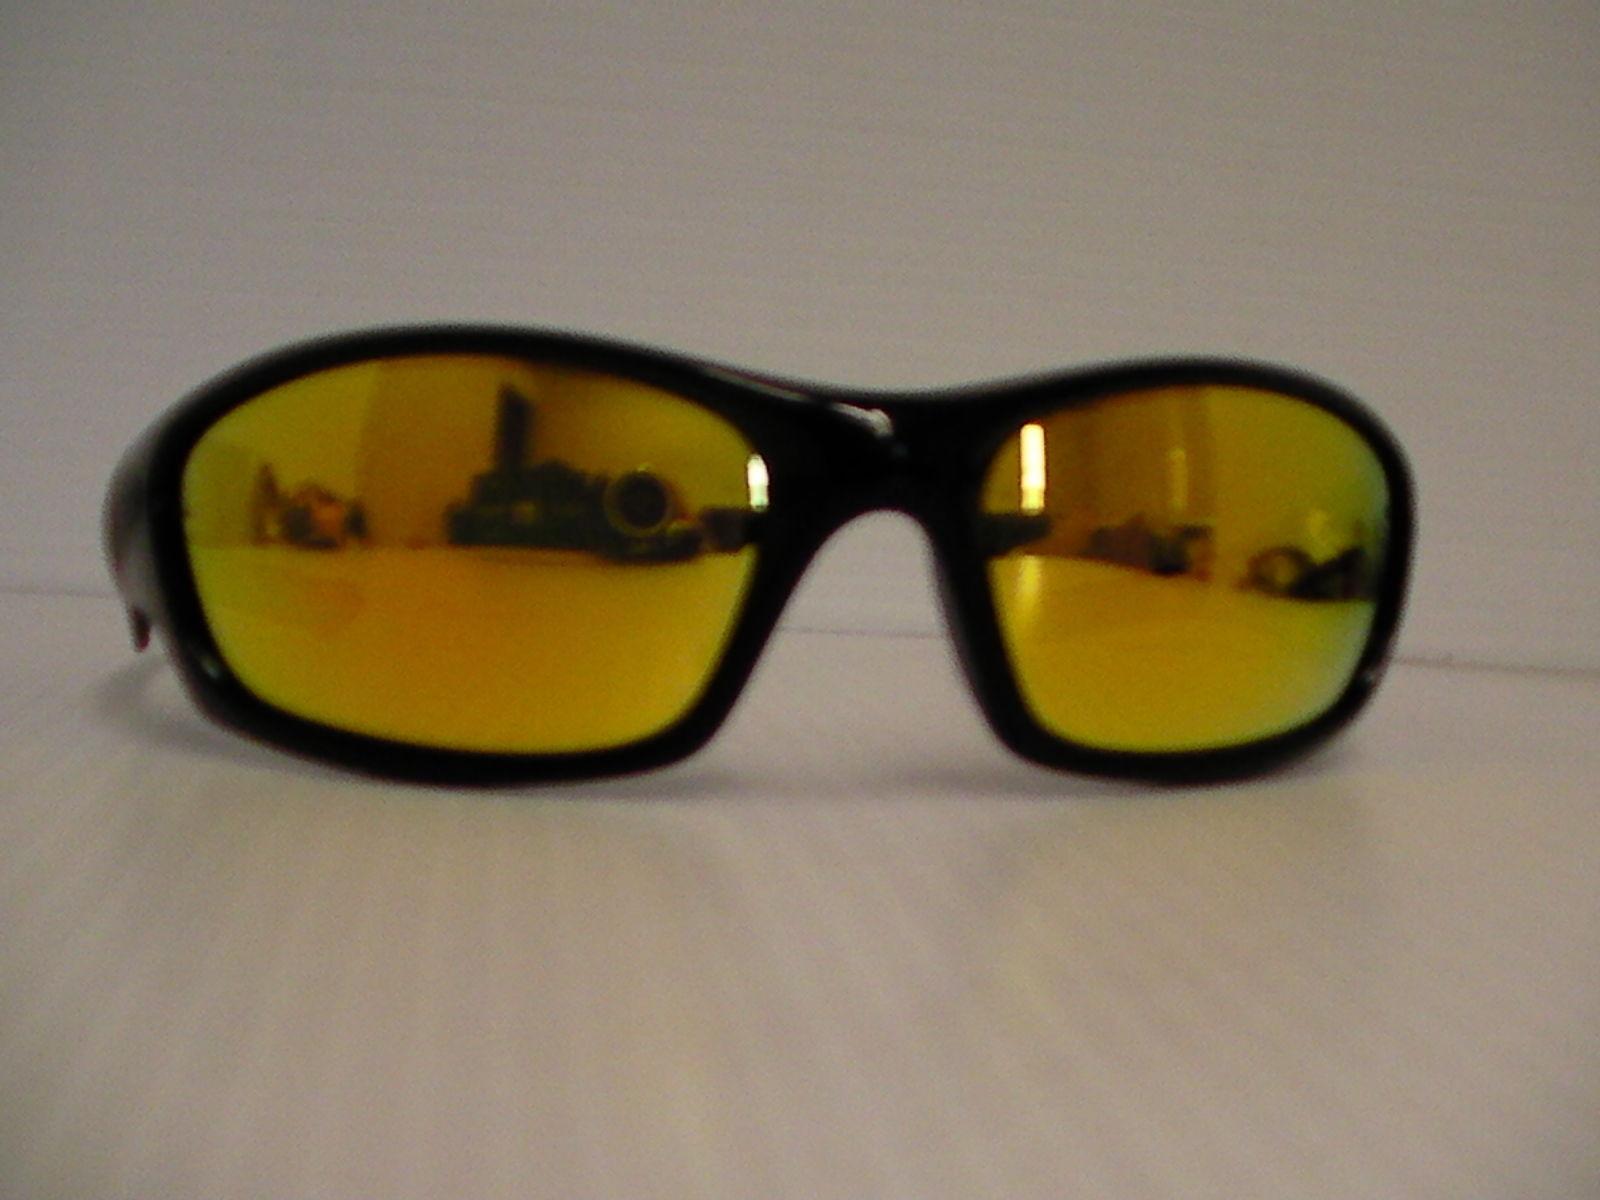 3f389a88de Oakley Rare Sunglasses « One More Soul